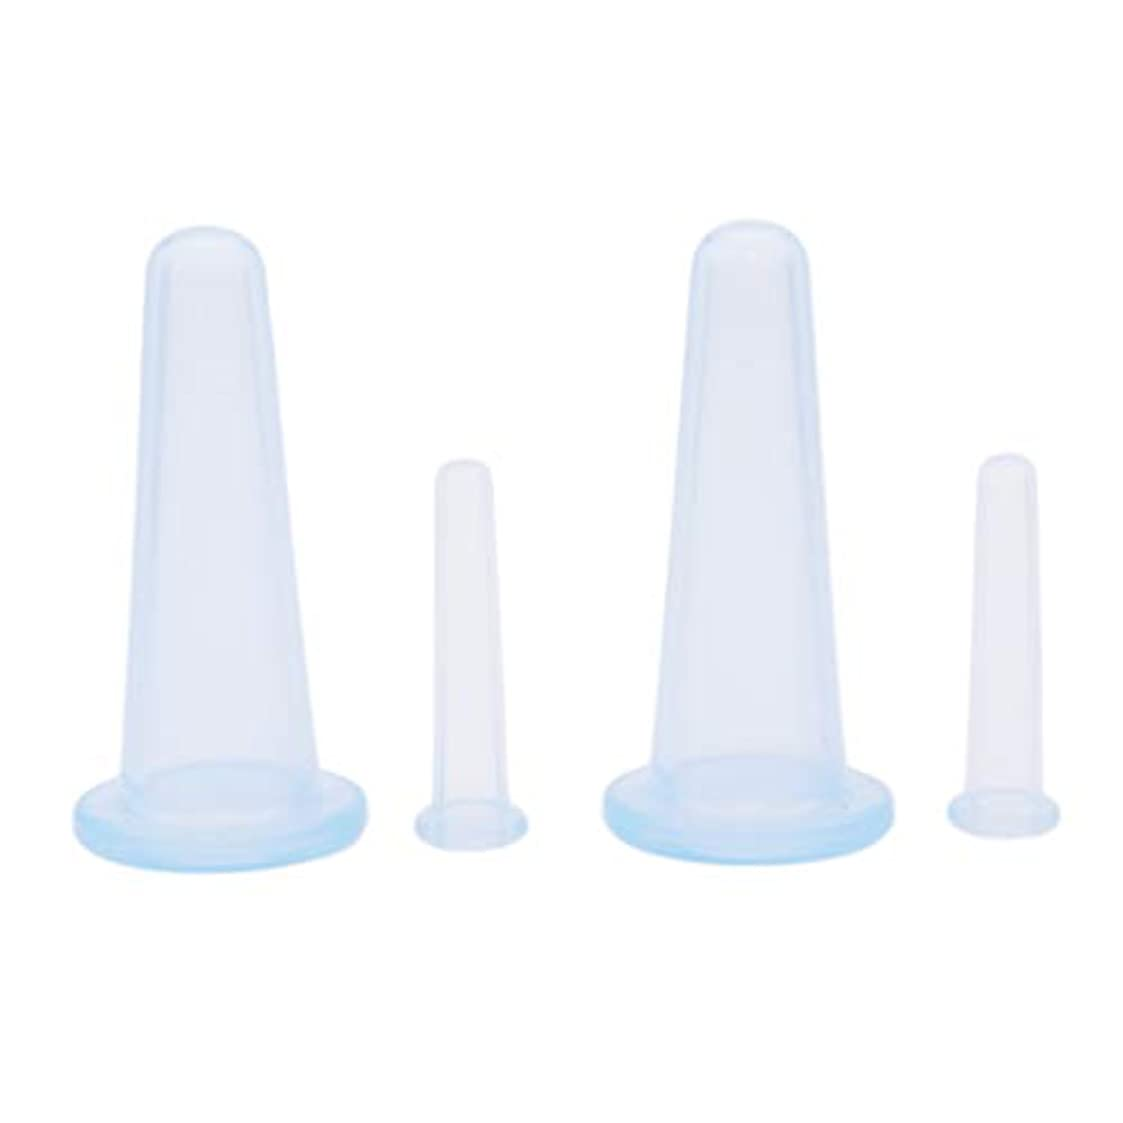 時々時々雇用者奇跡的なJIOLK 吸玉 真空 カッピング シリコン 血流促進 4個セット マッサージカップ カッピングカップセット ネック 顔 吸圧器 疲労軽減